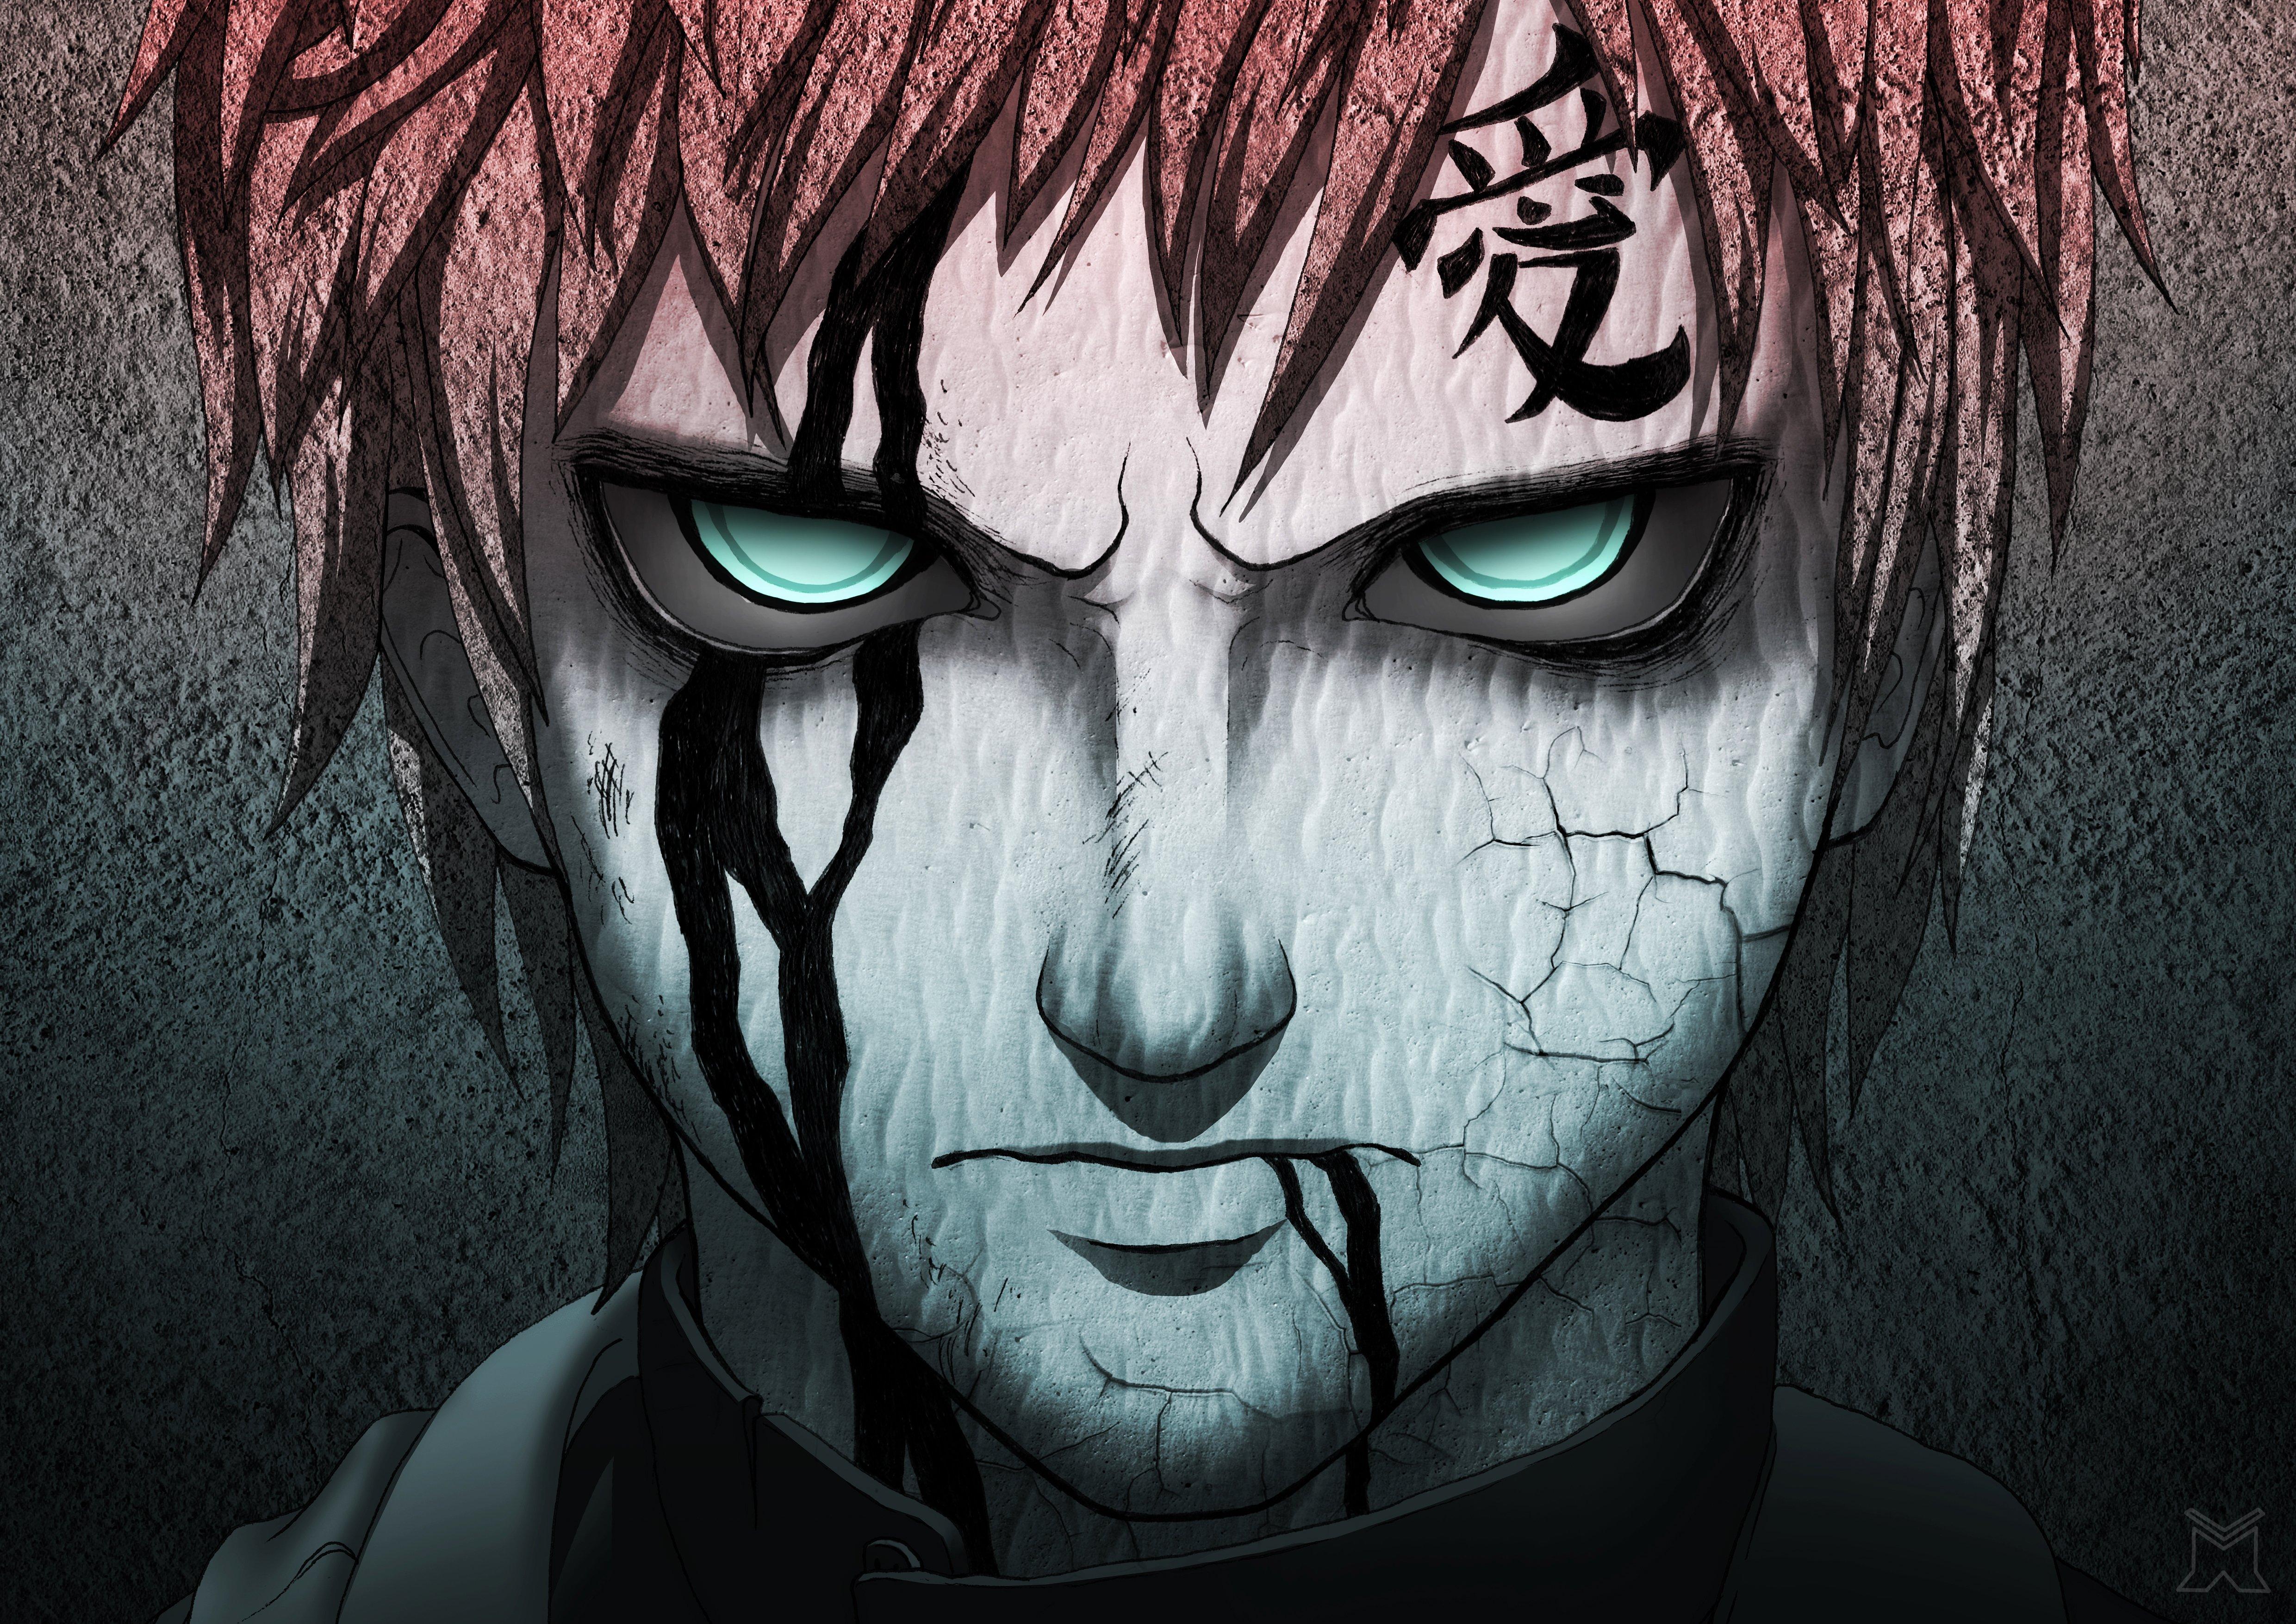 Fondos de pantalla Anime Gaara (Naruto)